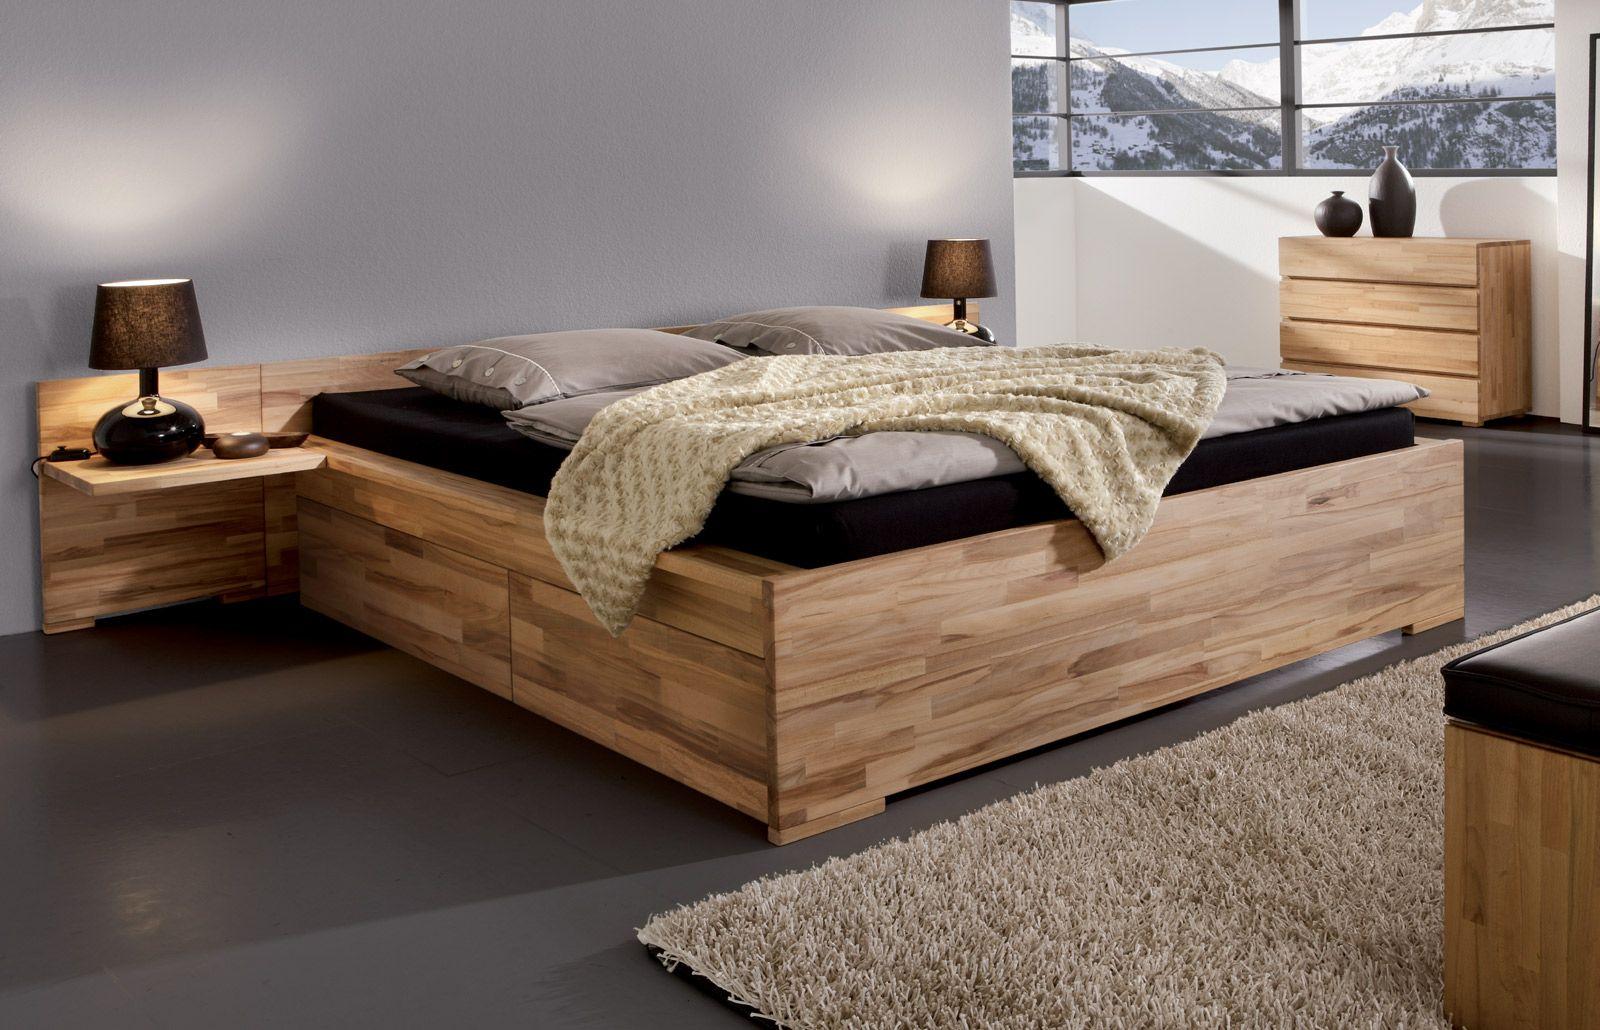 Schubkasten Doppelbett Liverpool Diy Plattform Bett Bett Und